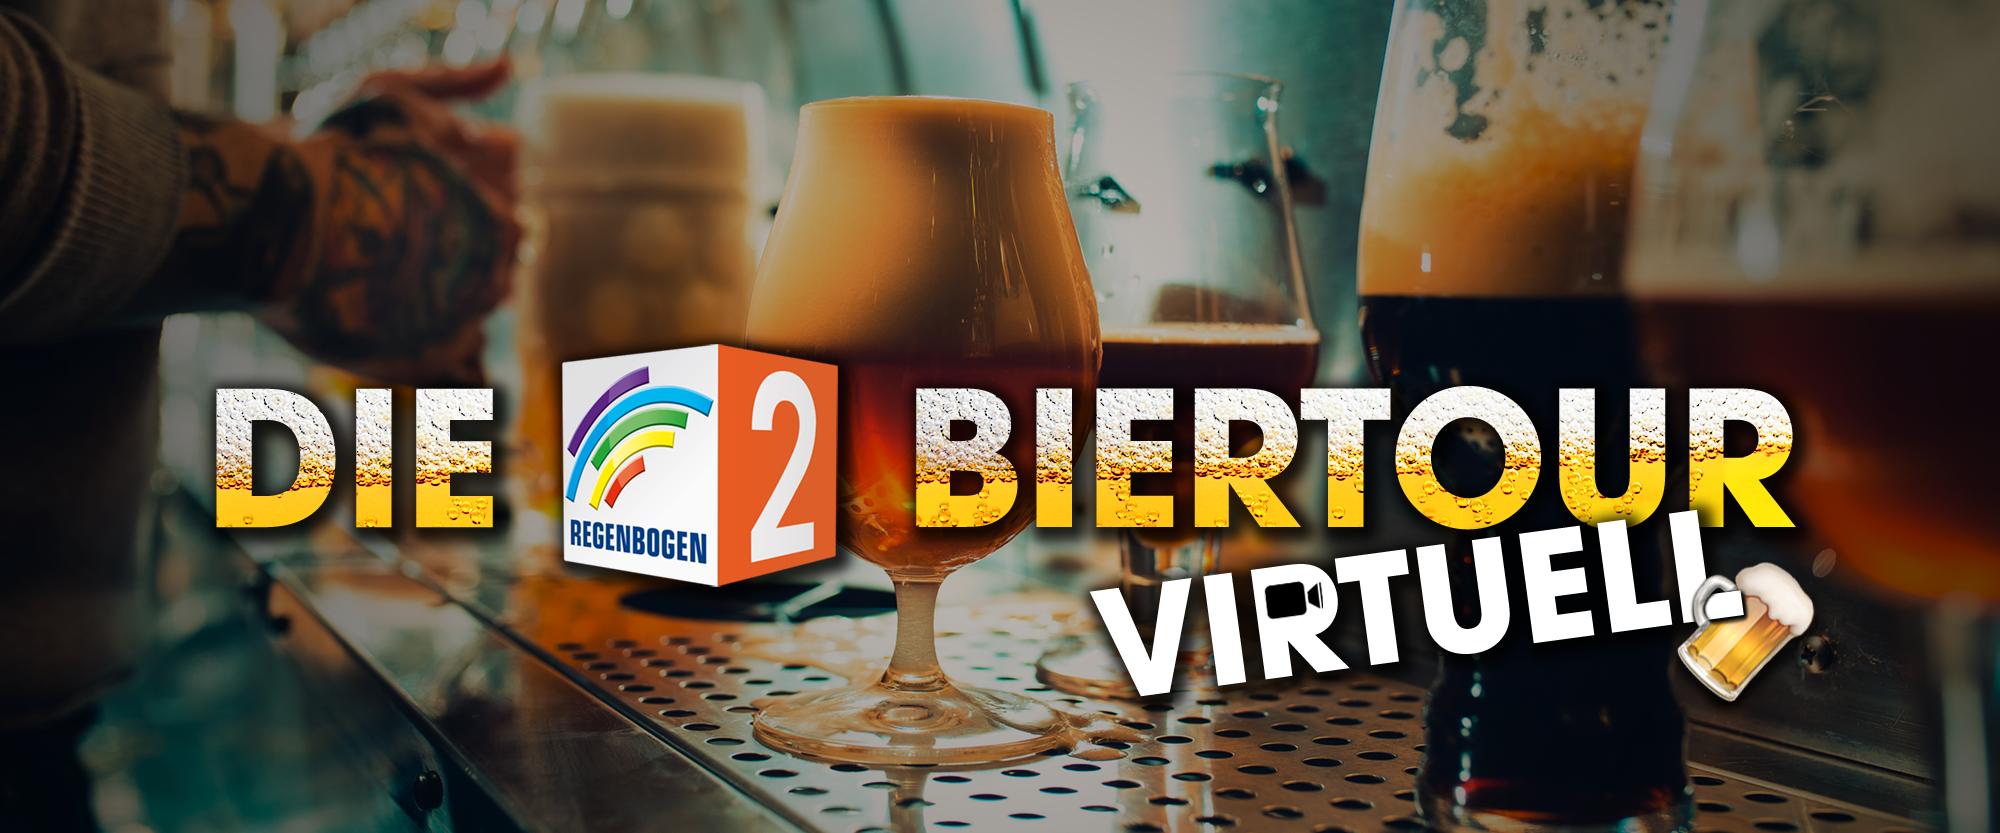 R2_Biertour-virtuell-Titel.png